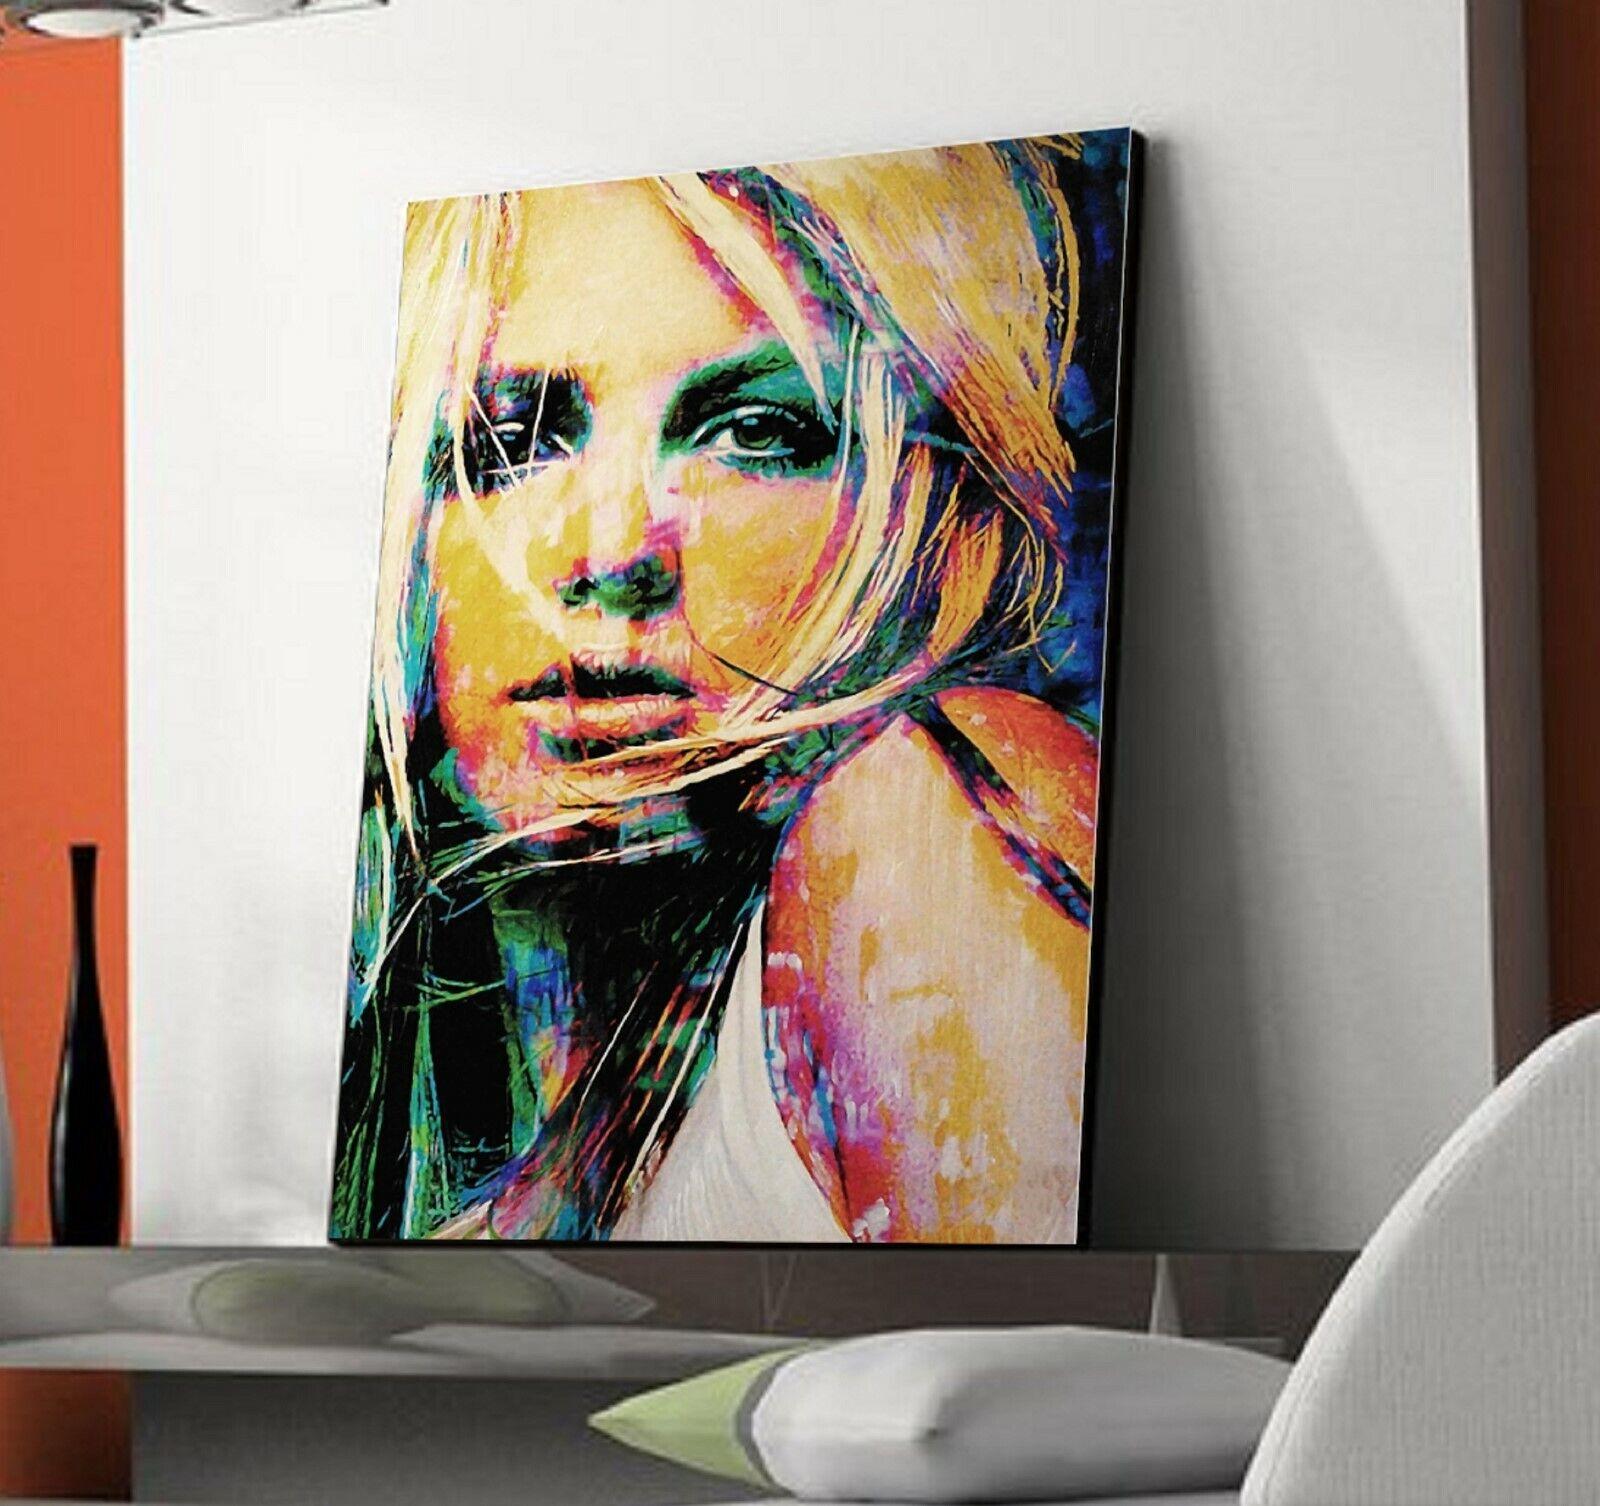 XXL LEINWAND BILD 120x80x5 -Britney Spears- ABSTRAKT MODERN POPART GEMÄLDE NEU